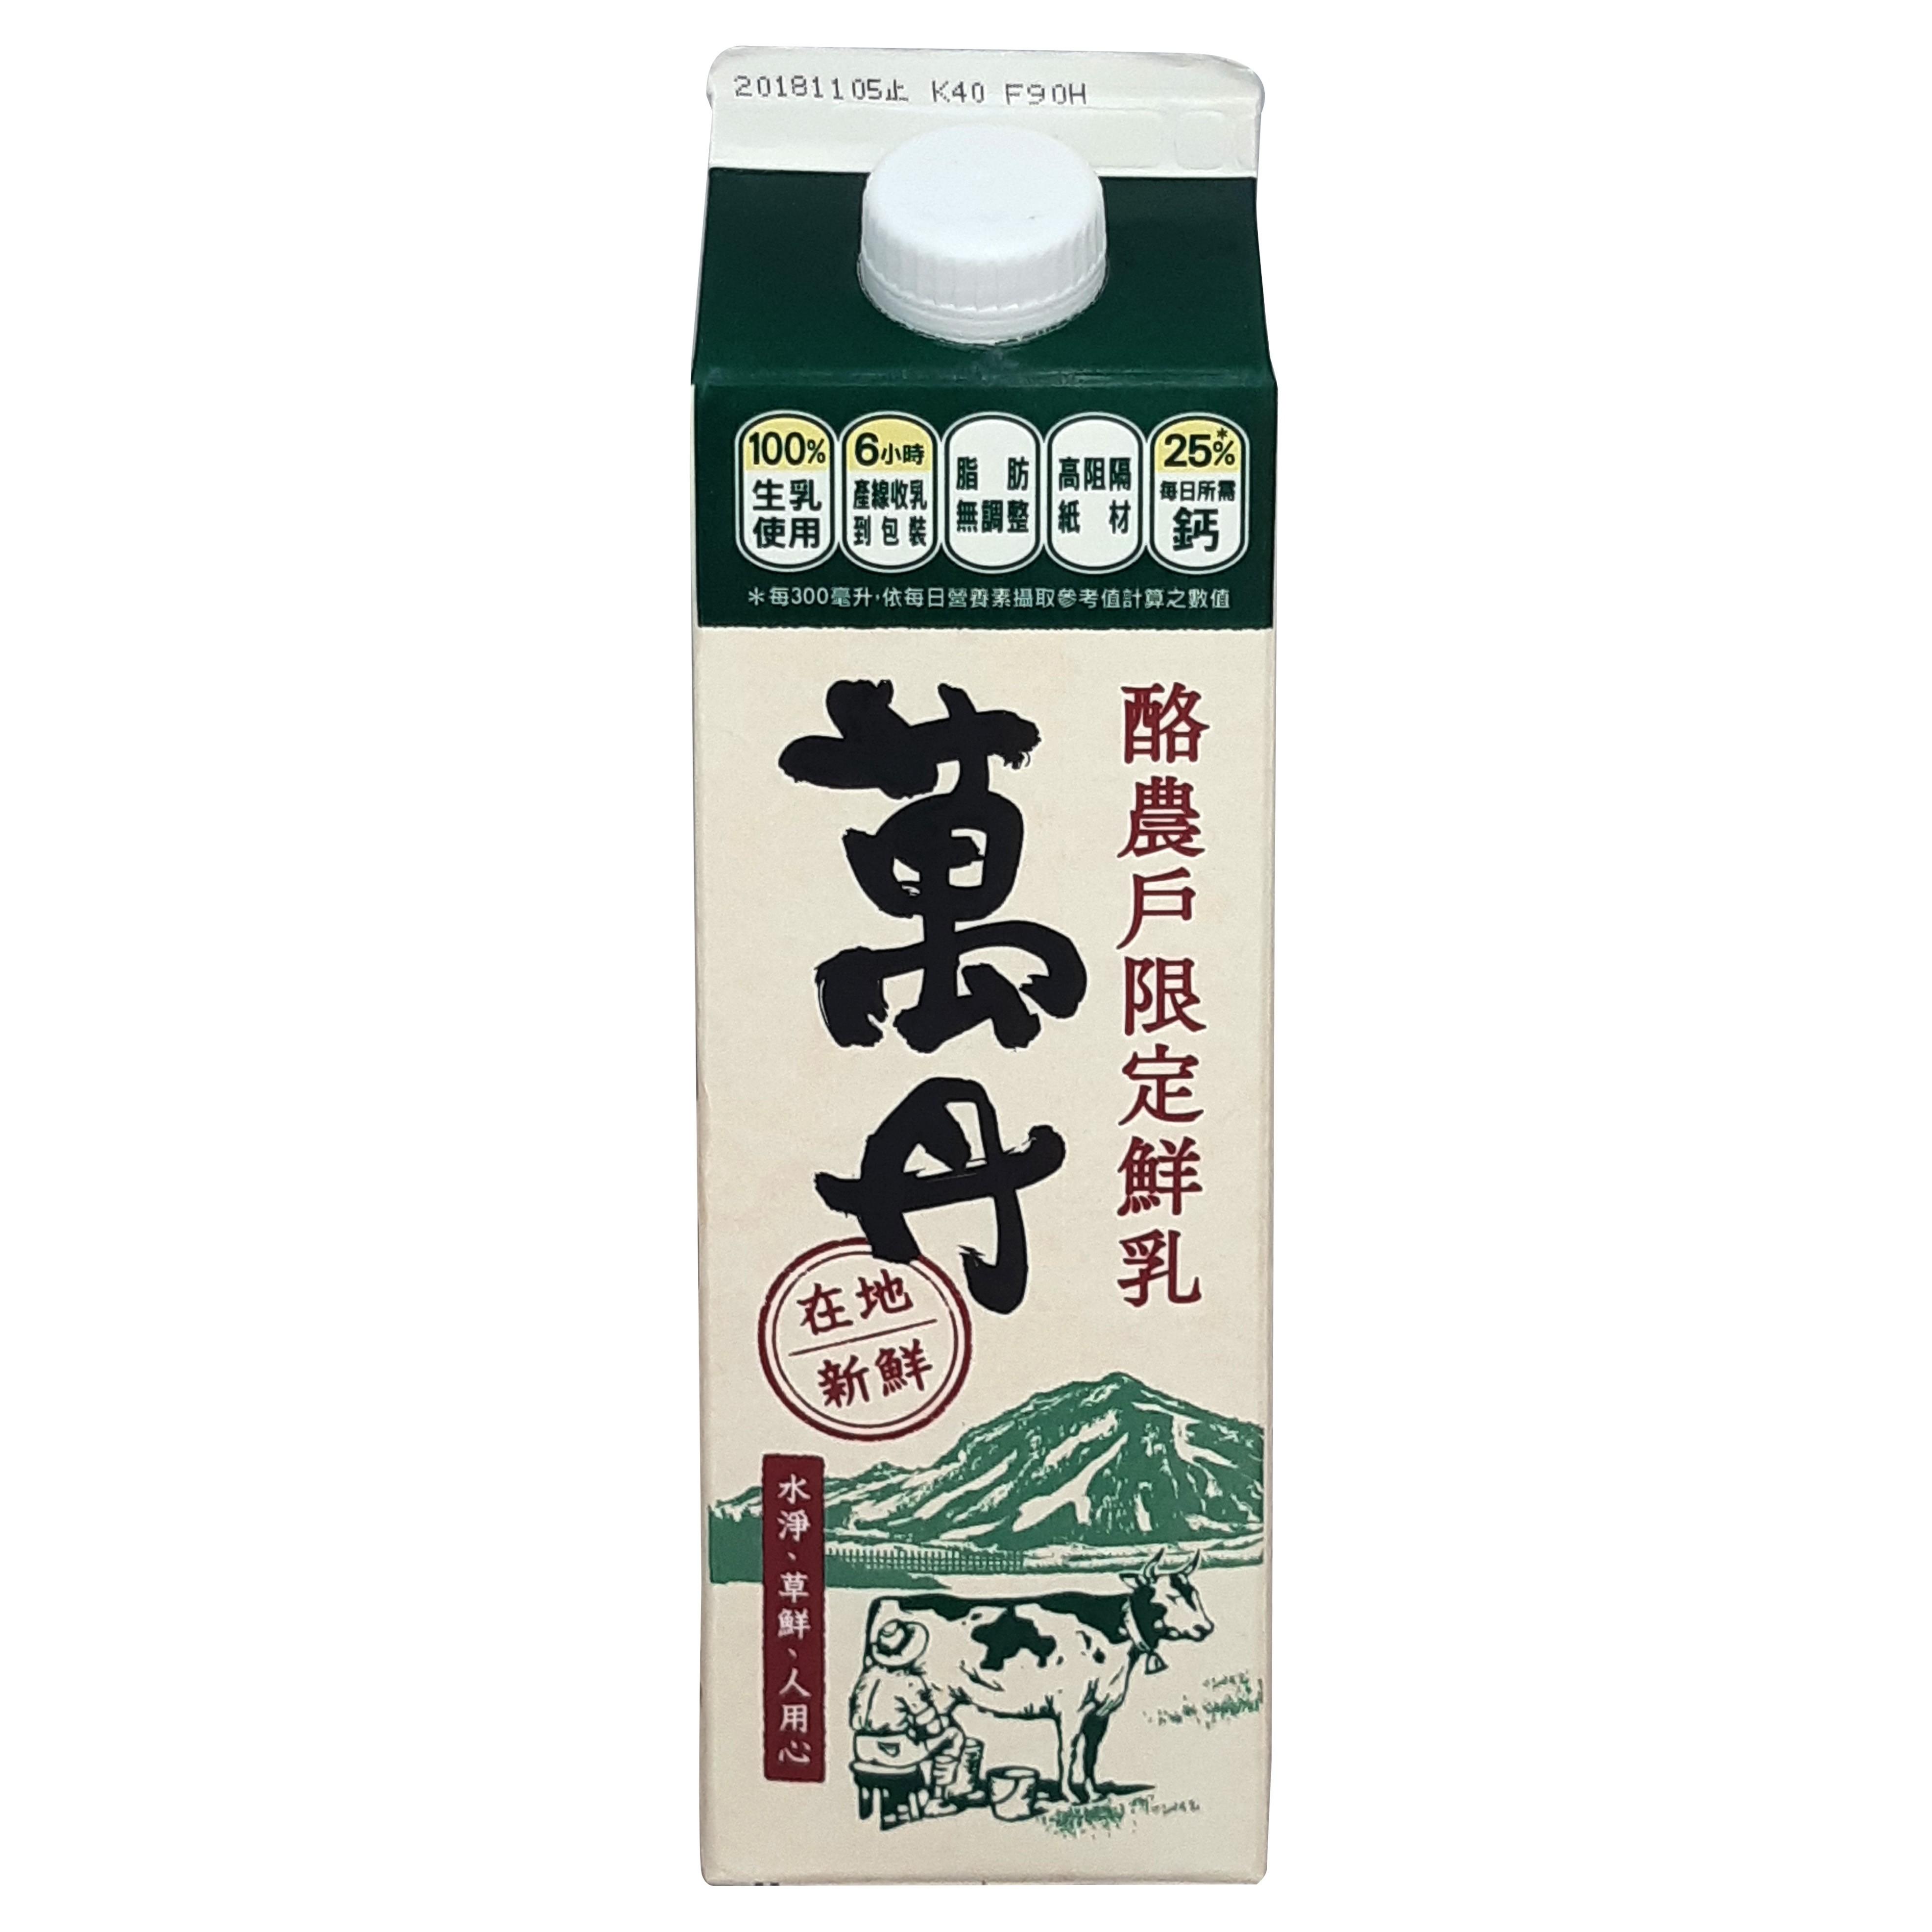 萬丹全脂鮮奶 936ml